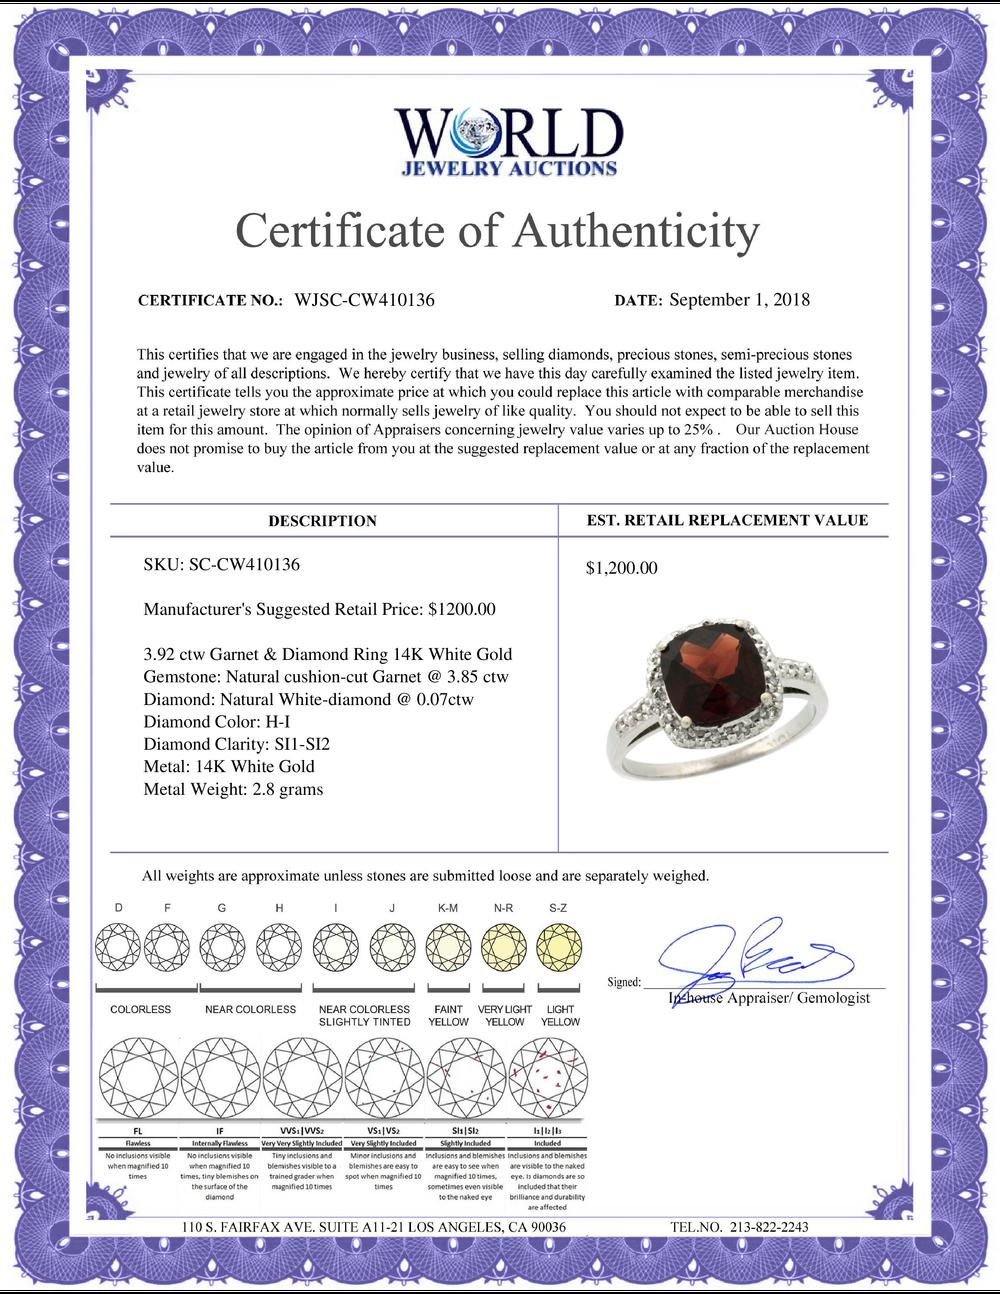 Lot 3170: Natural 3.92 ctw Garnet & Diamond Engagement Ring 14K White Gold - REF-36R7Z